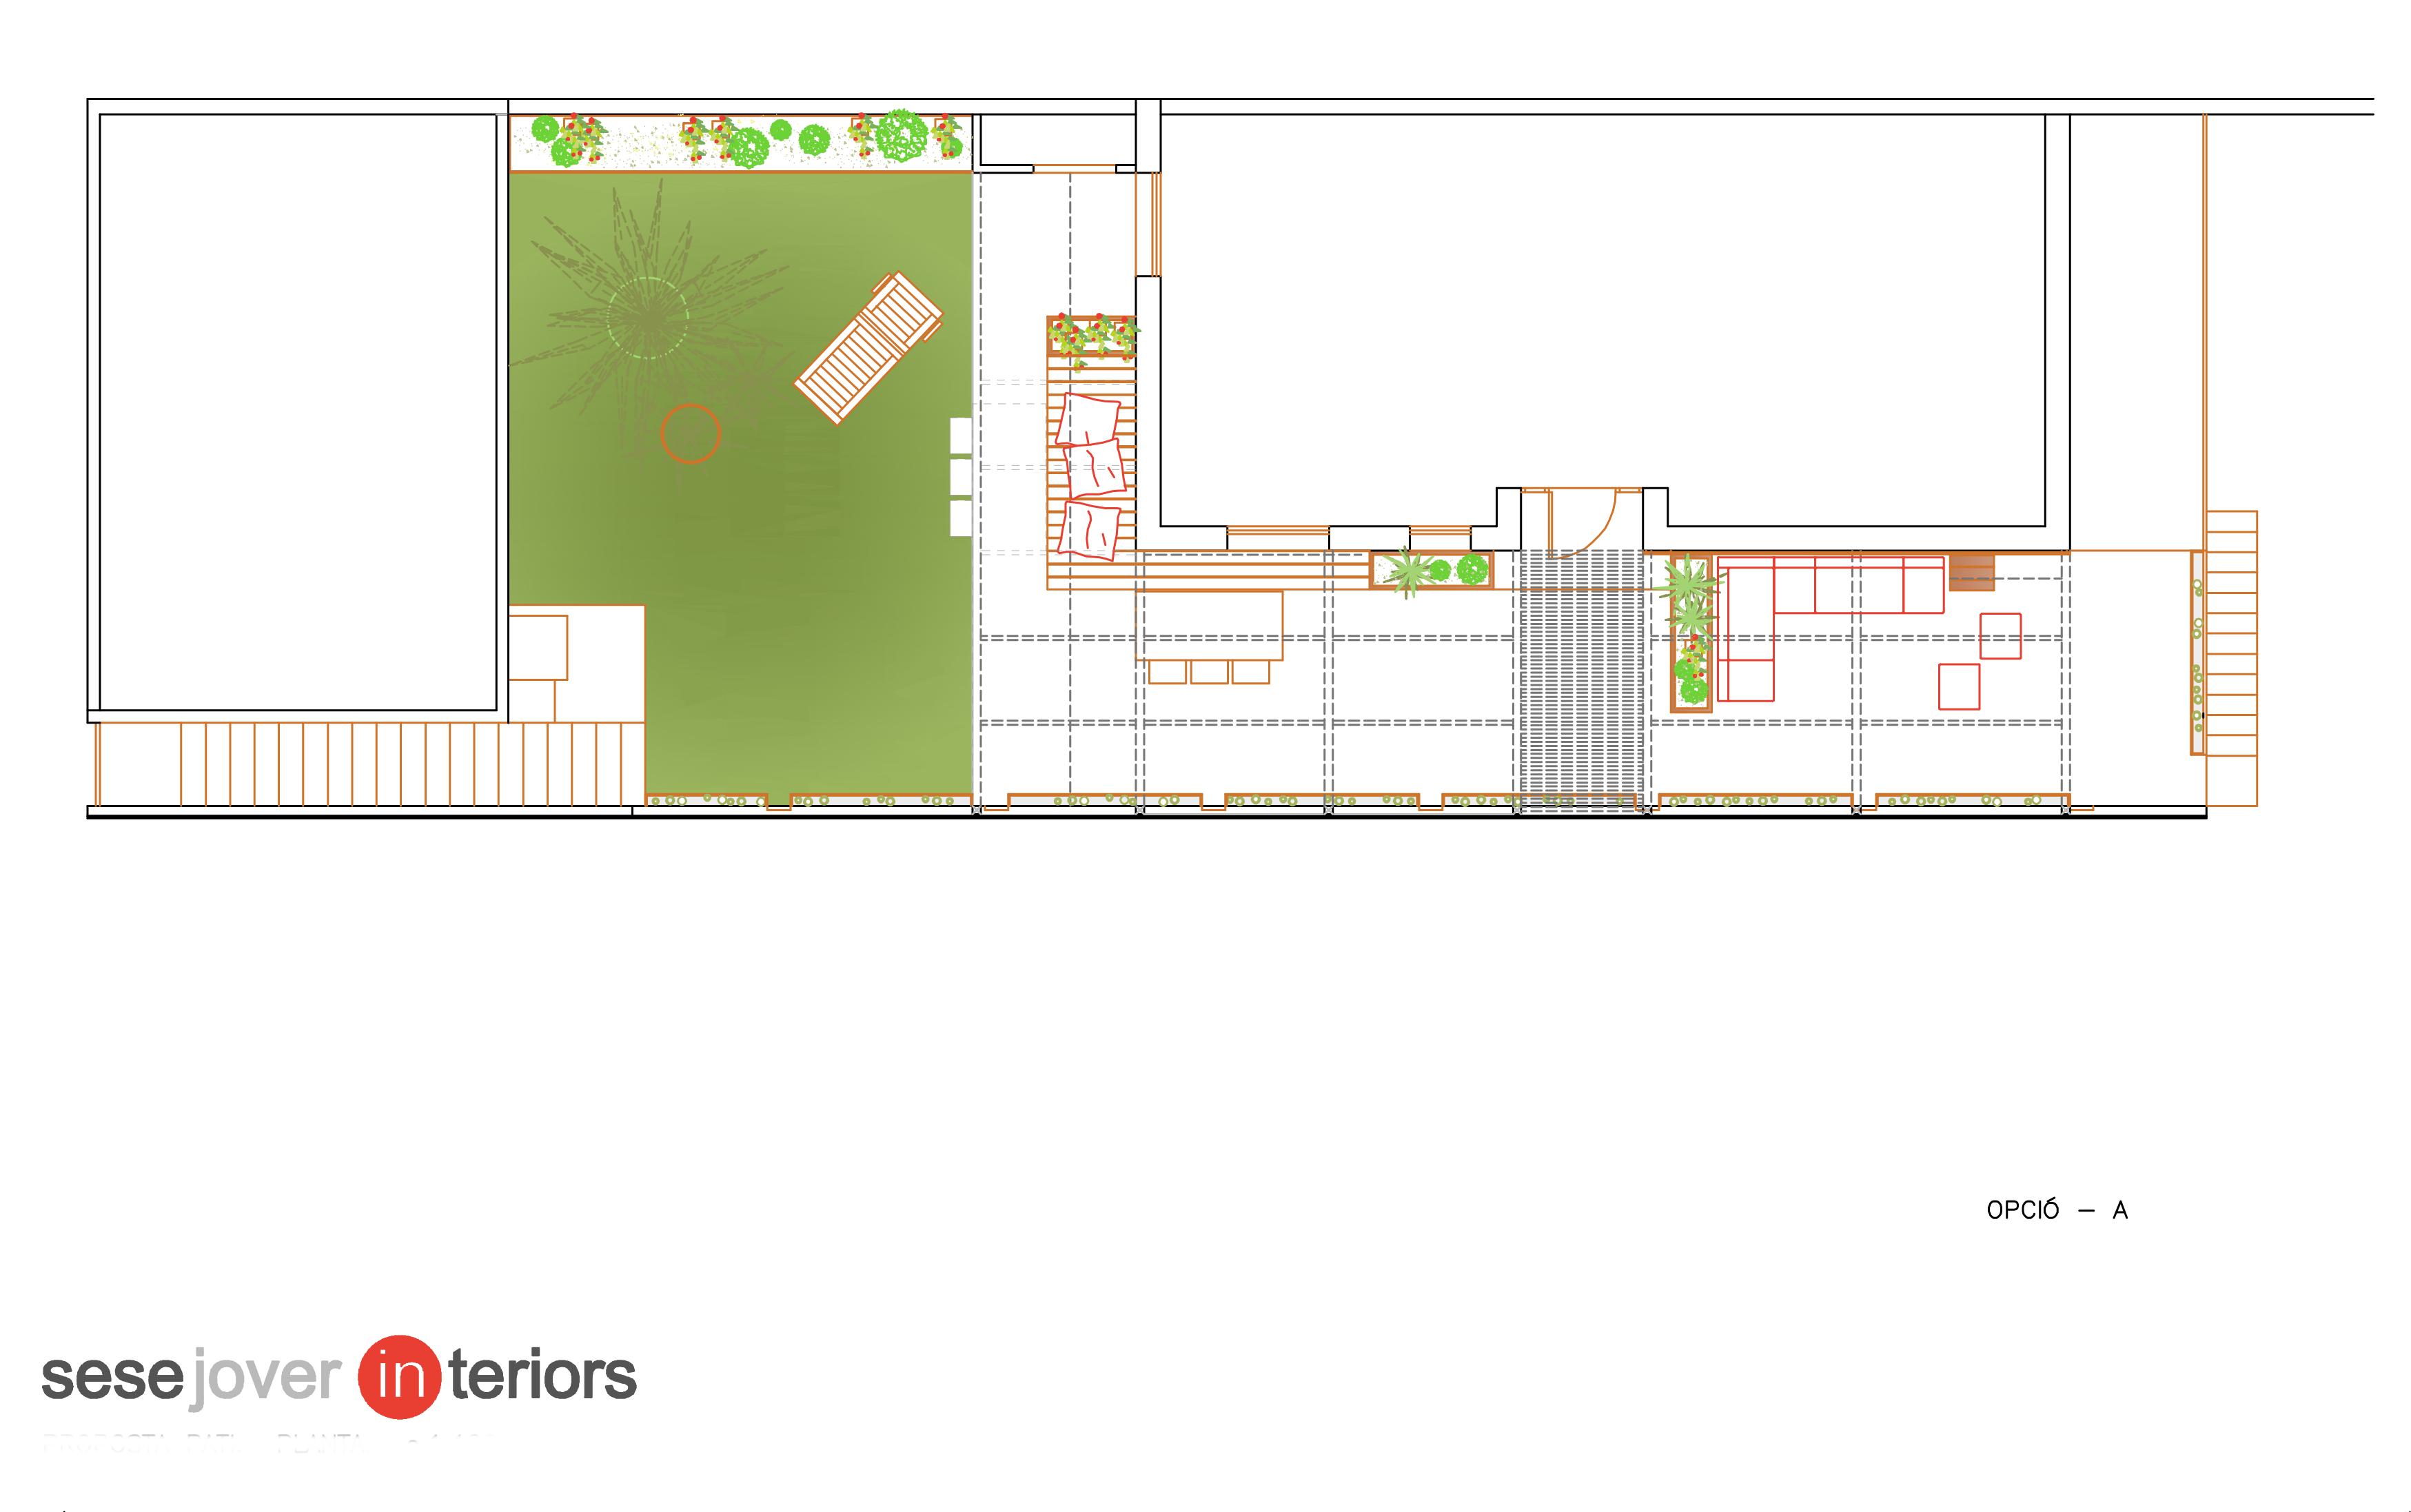 Un projecte d'interiorisme en un espai exterior (proposta B), un article de Sese Jover Interiors.